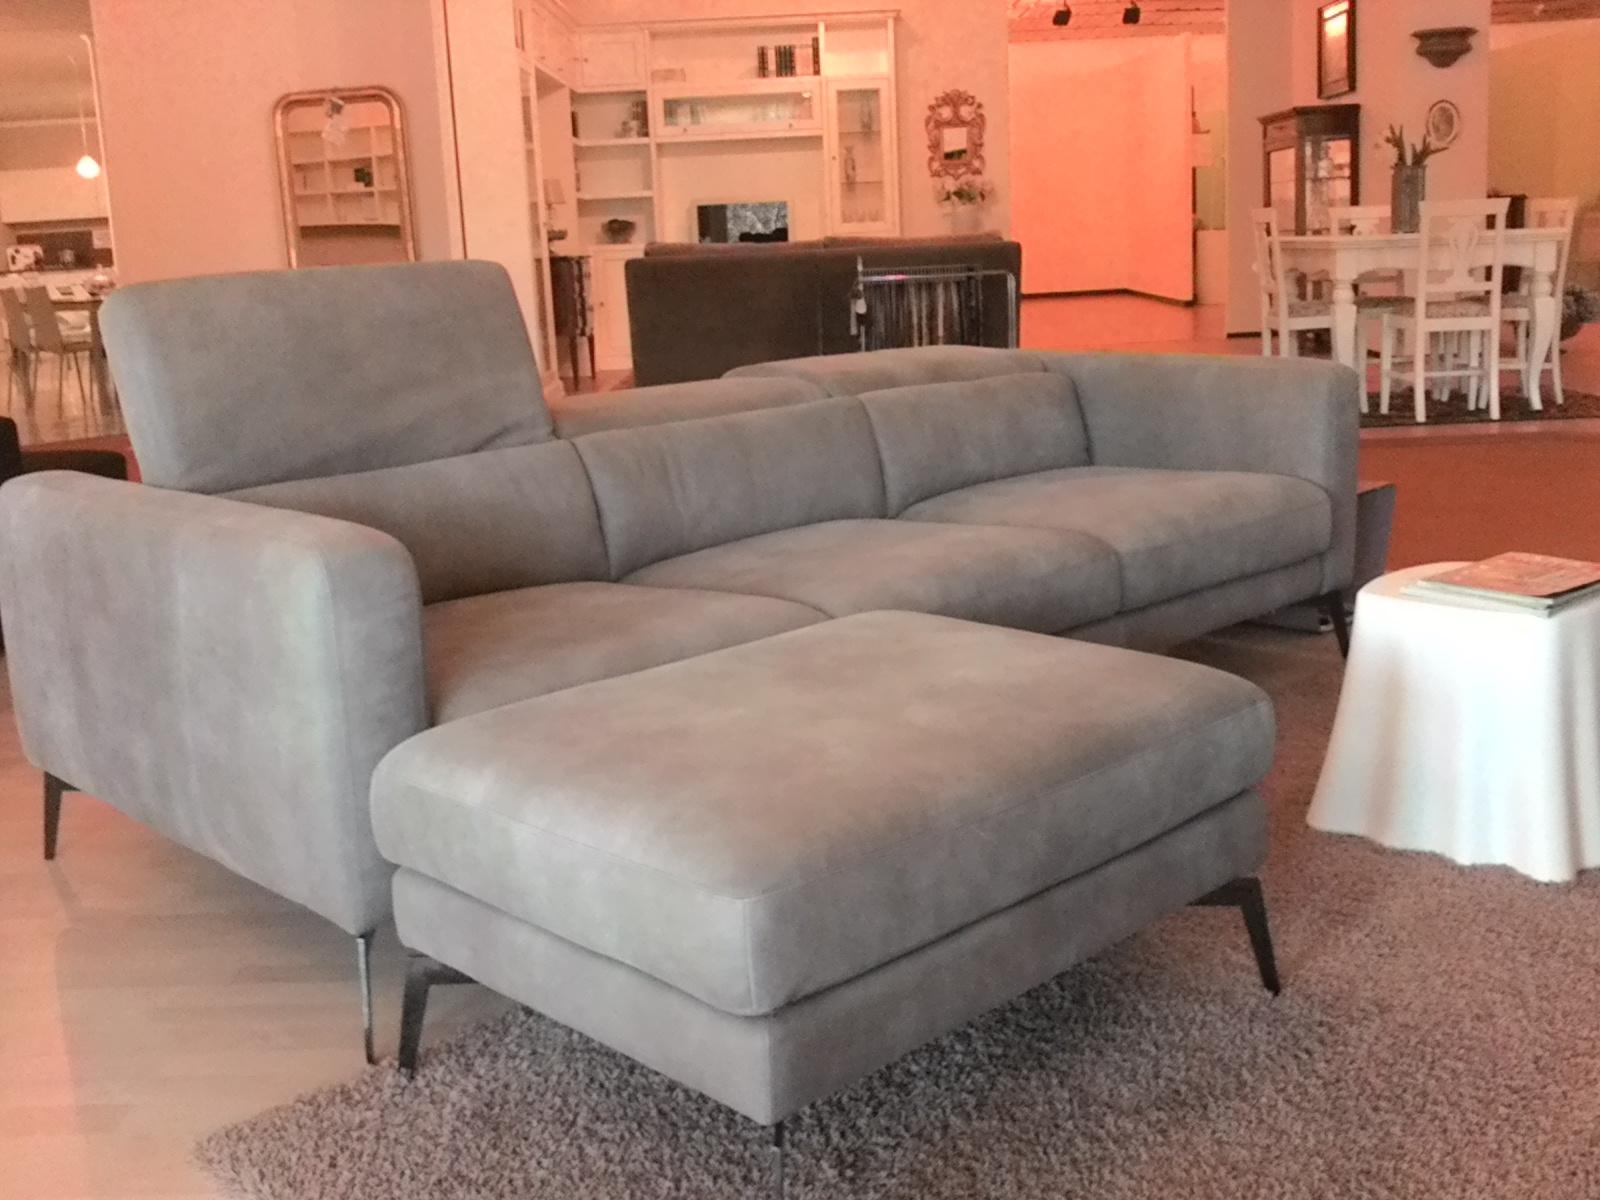 Divani design occasioni divano letto classic posti with for Divano letto in pelle prezzi